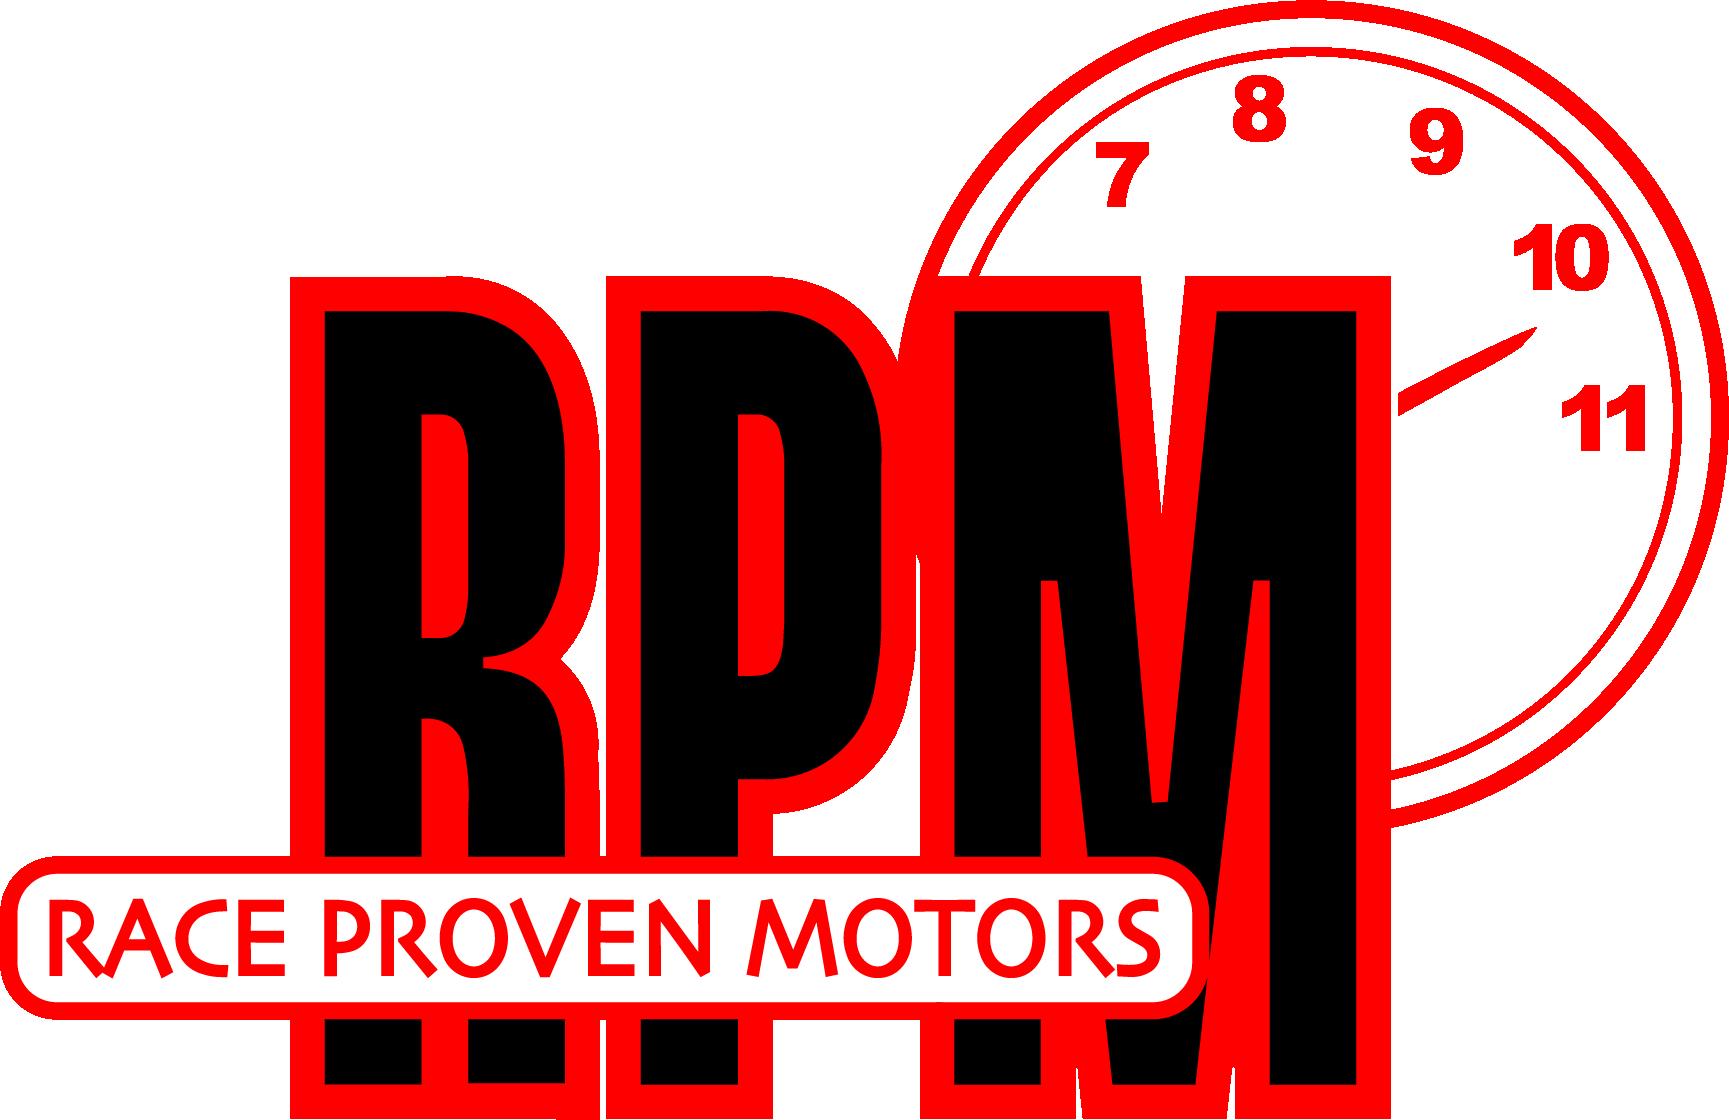 Race Proven Motors